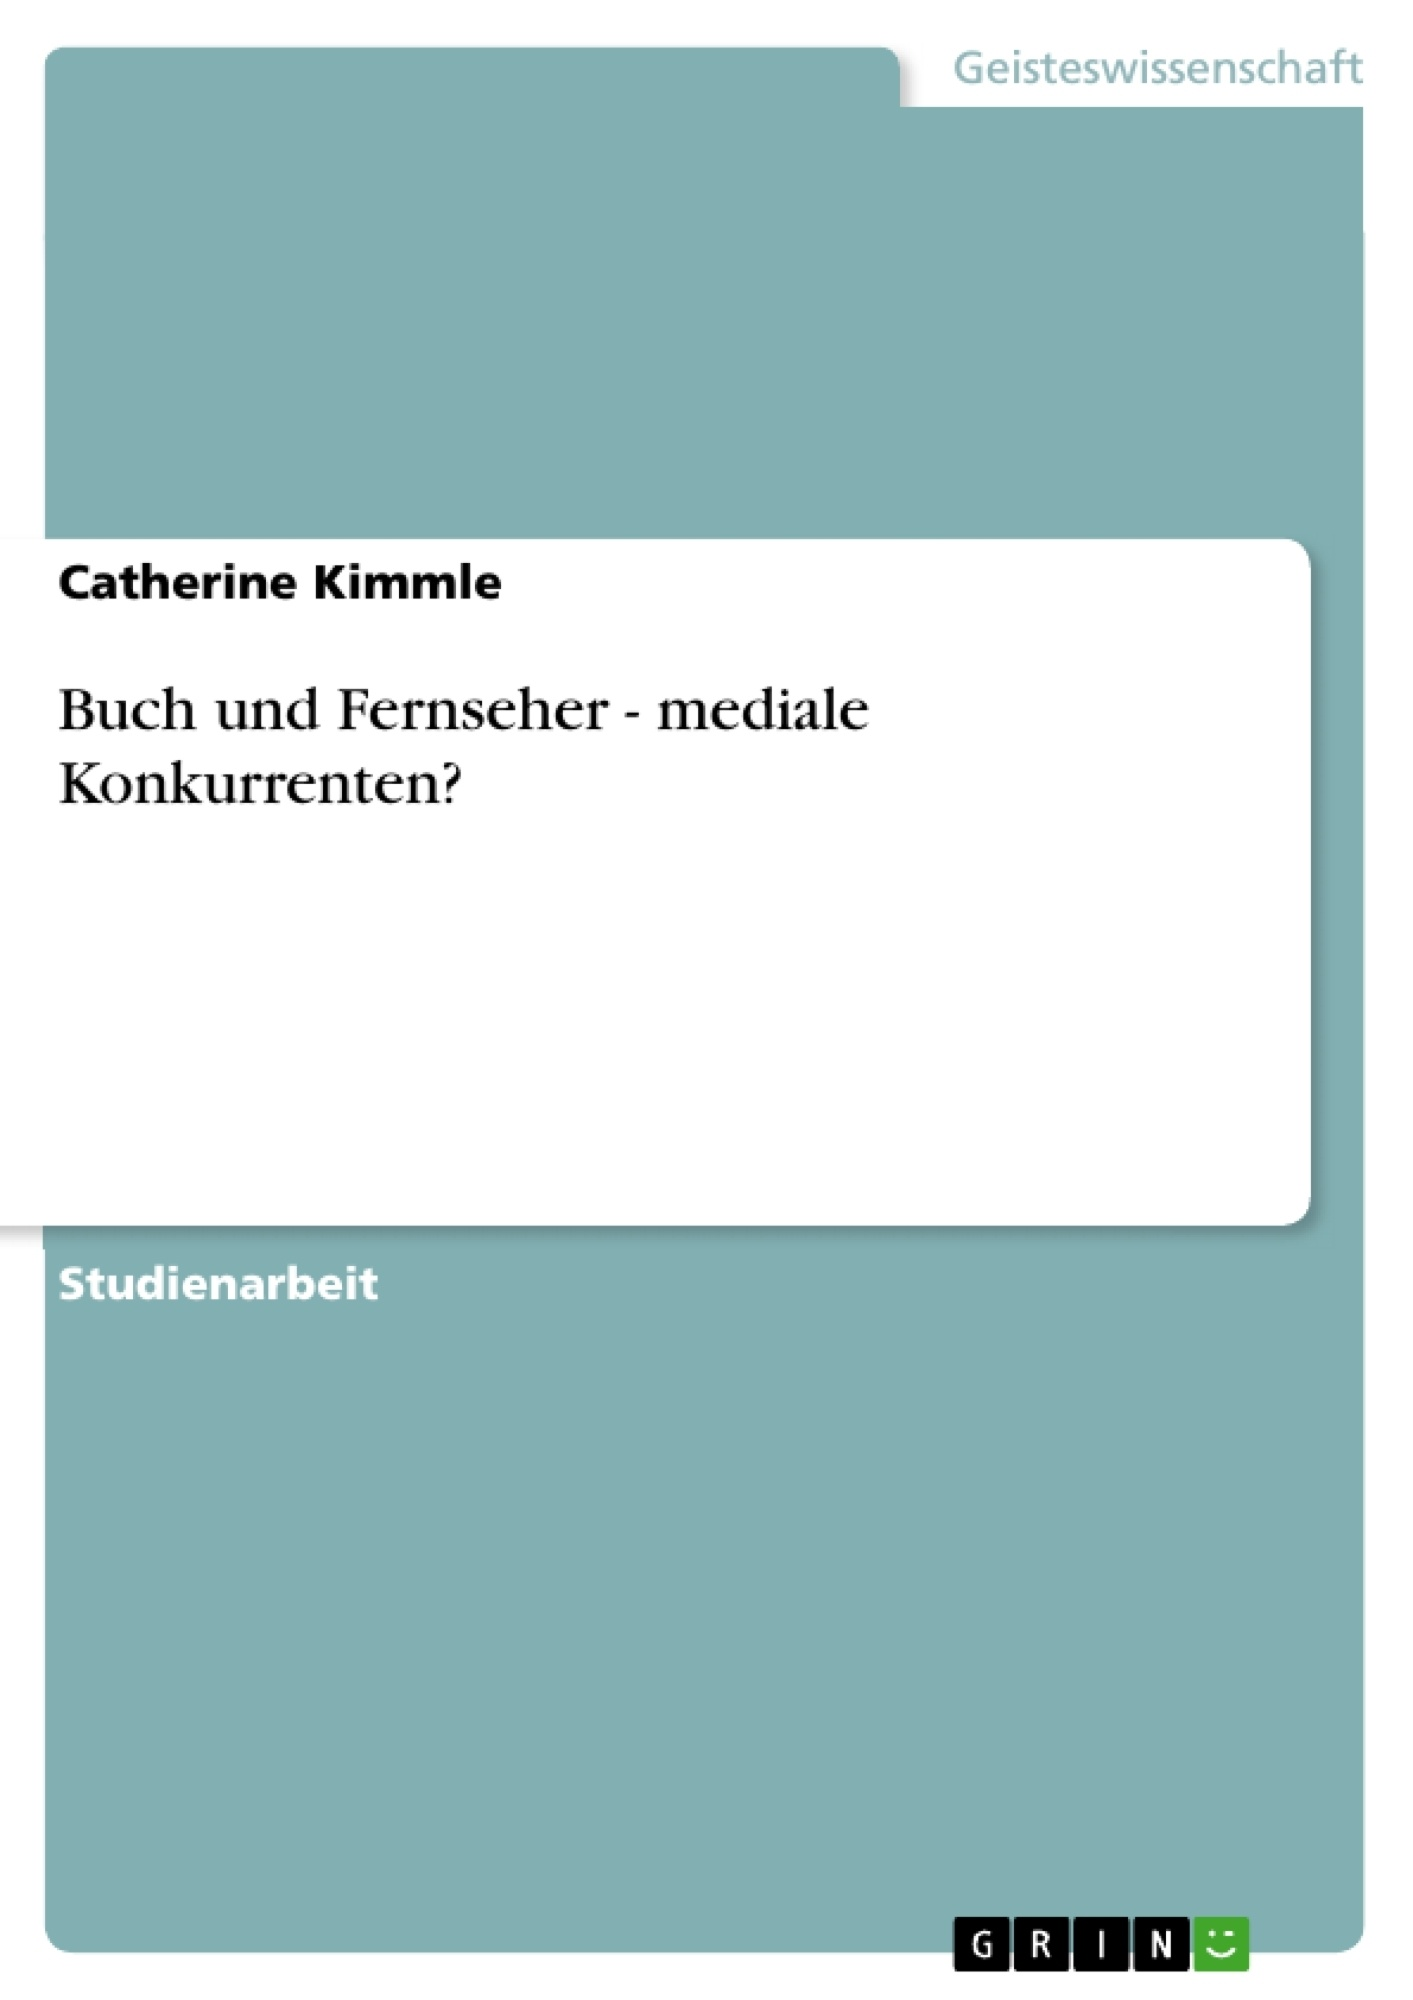 Titel: Buch und Fernseher - mediale Konkurrenten?